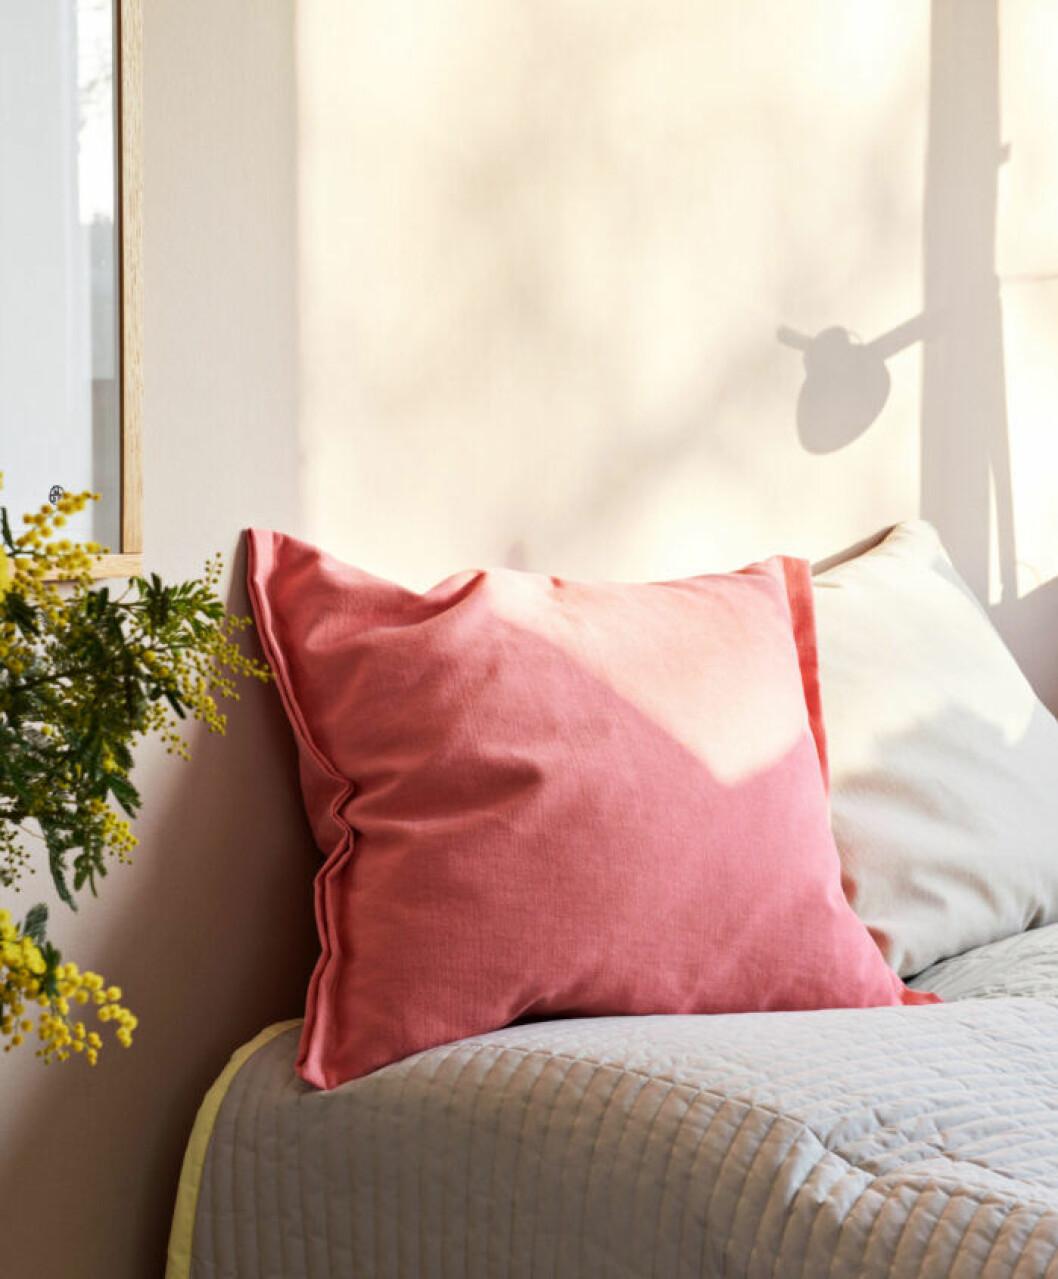 Trendigt sovrum med kuddar och överkast